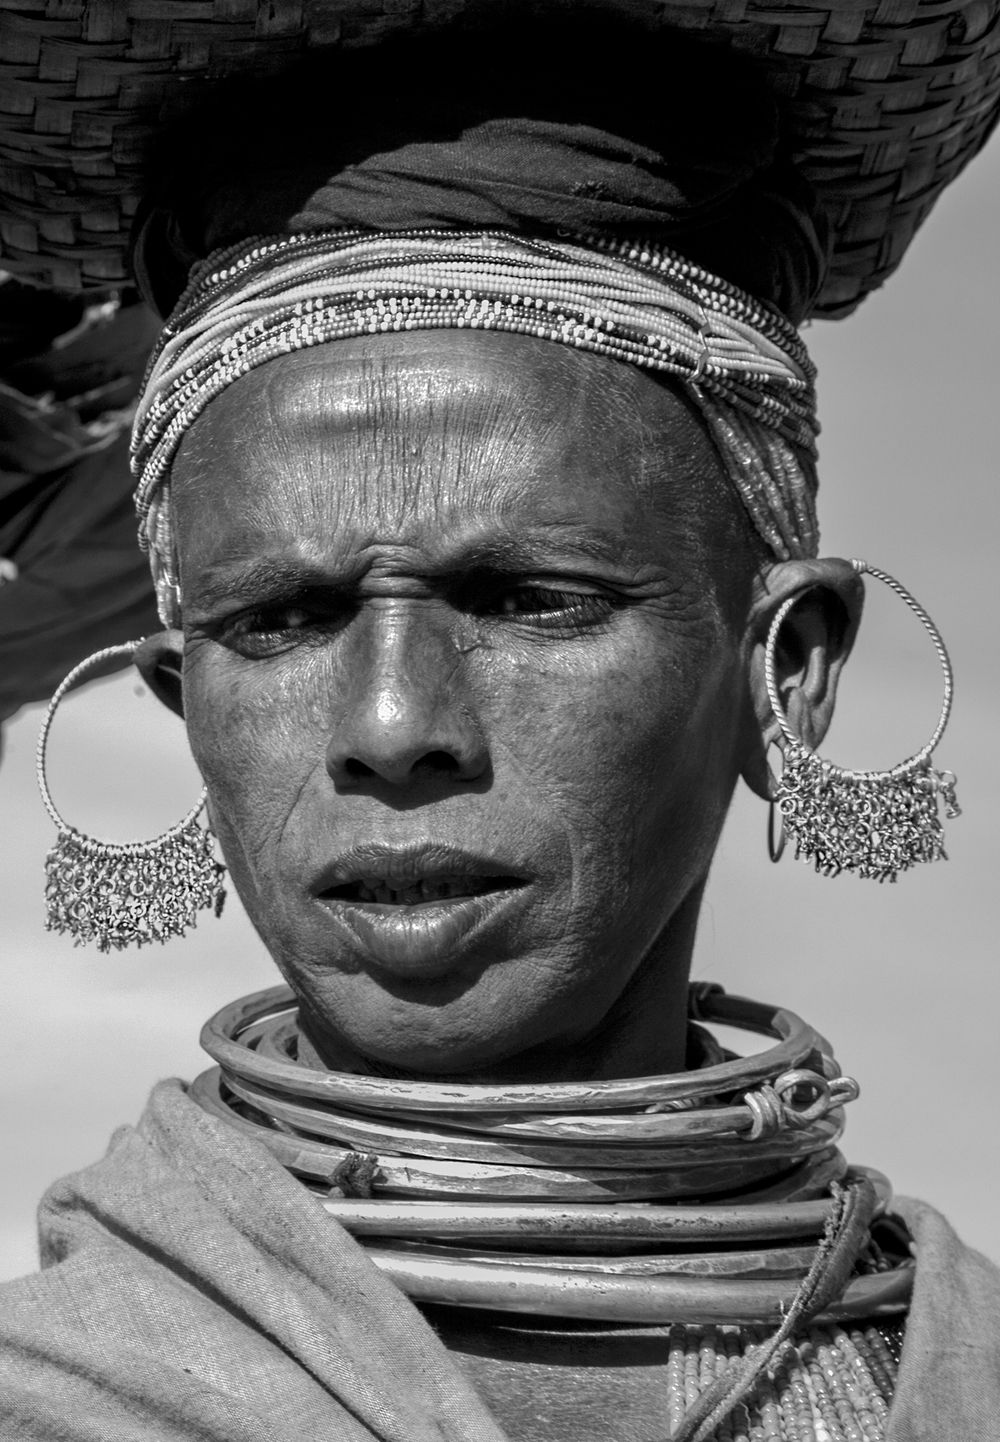 Bonda woman, India